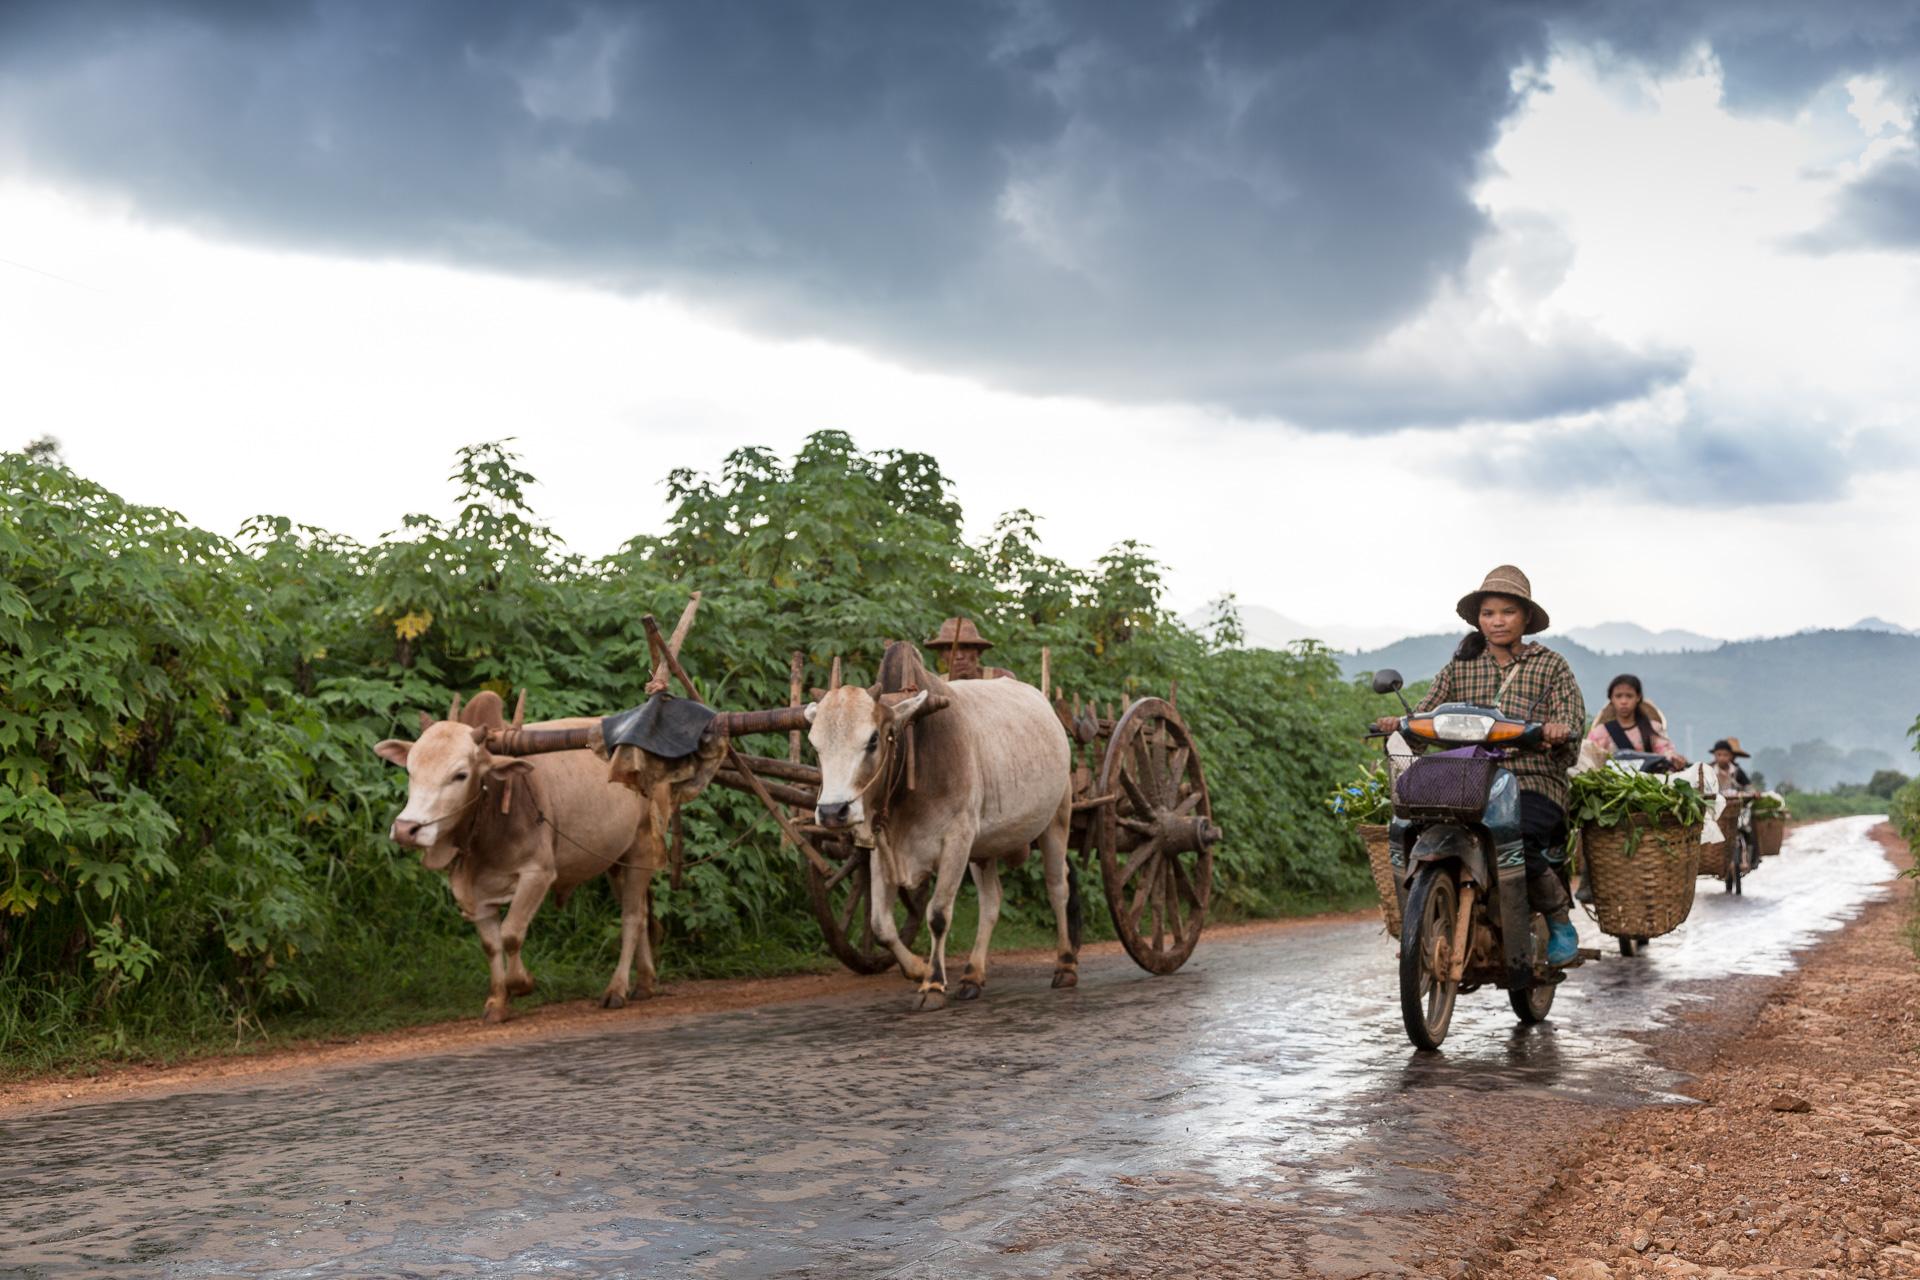 myanmar-reportage-wisckow-029.jpg